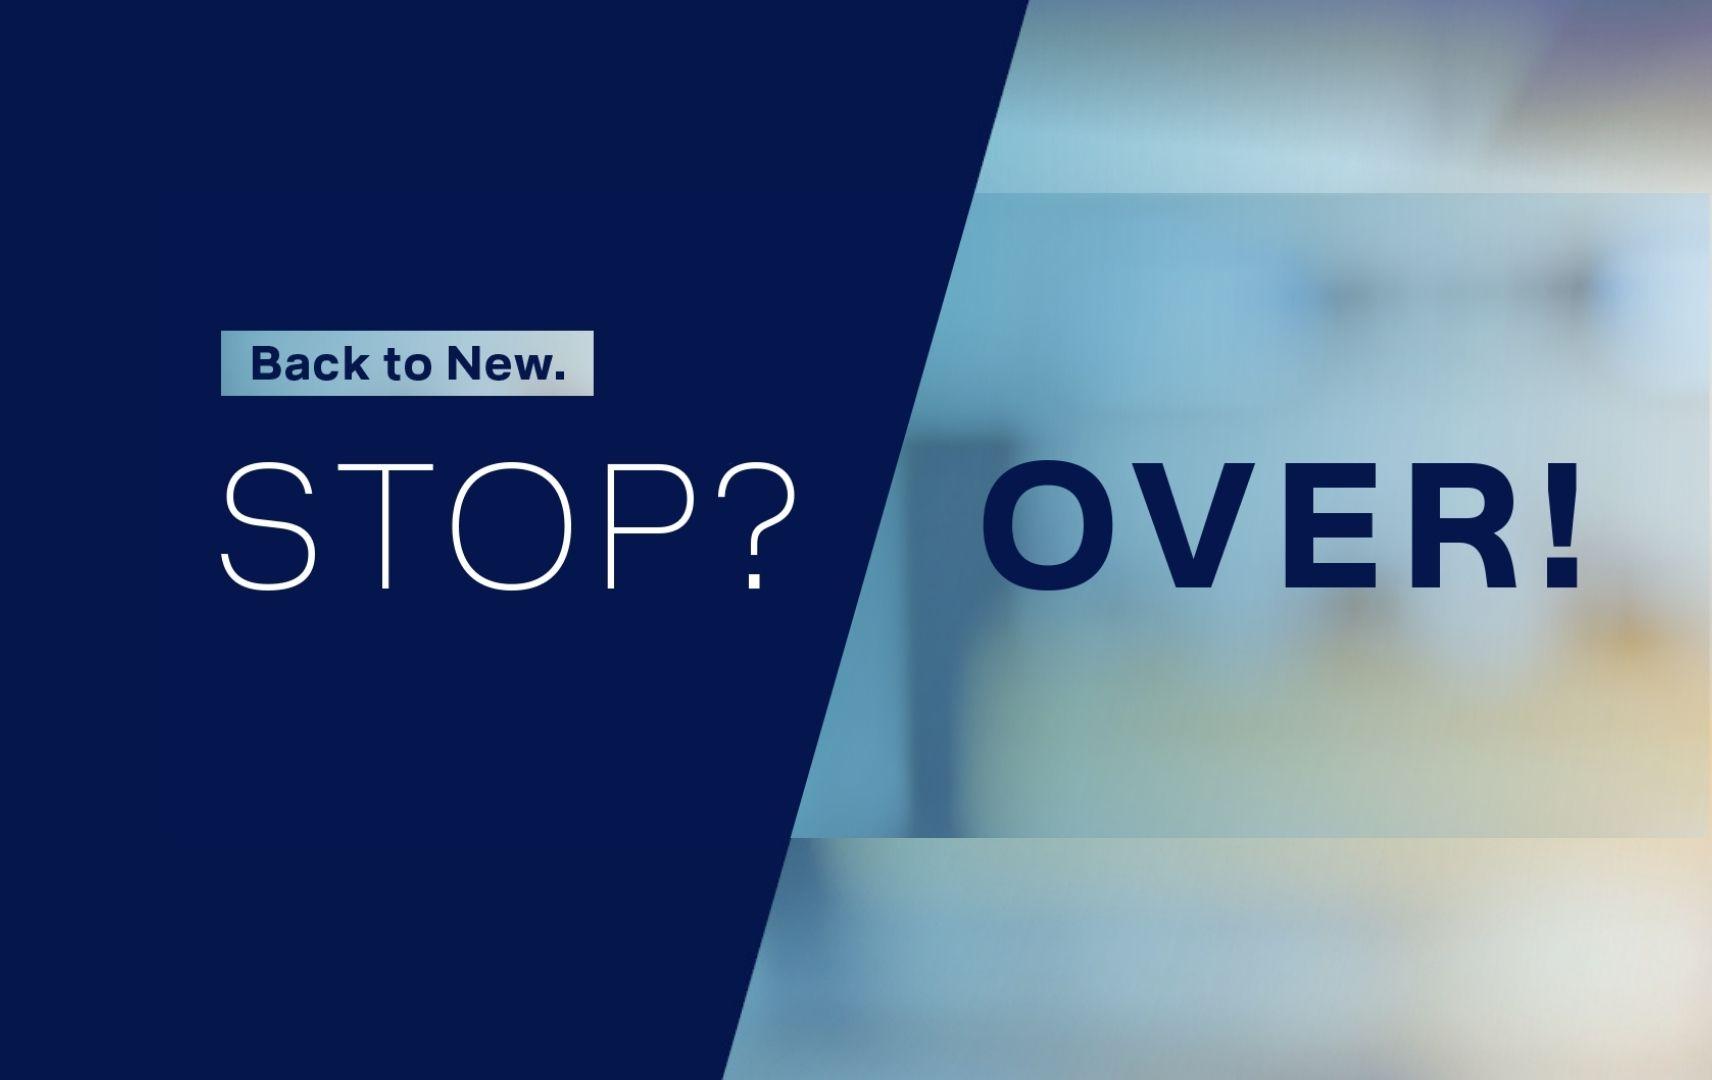 Stop? Over! Entdecken Sie die Vorteile unserer Experten für Geschäftsreisen